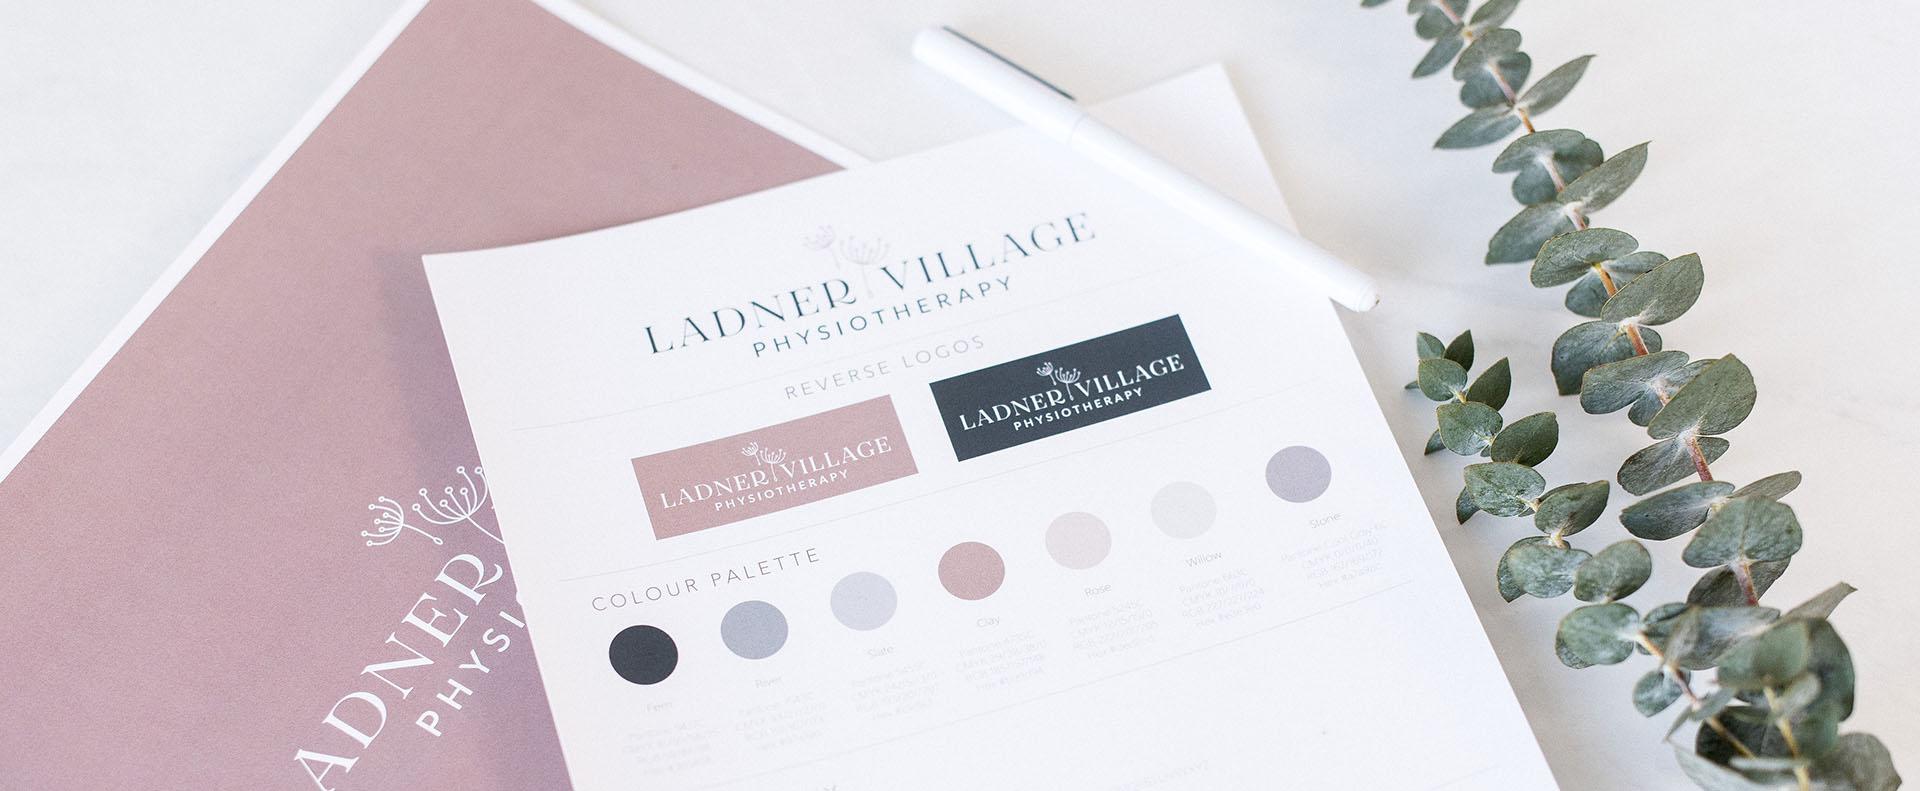 Ladner village brand stylesheet - White Canvas Design